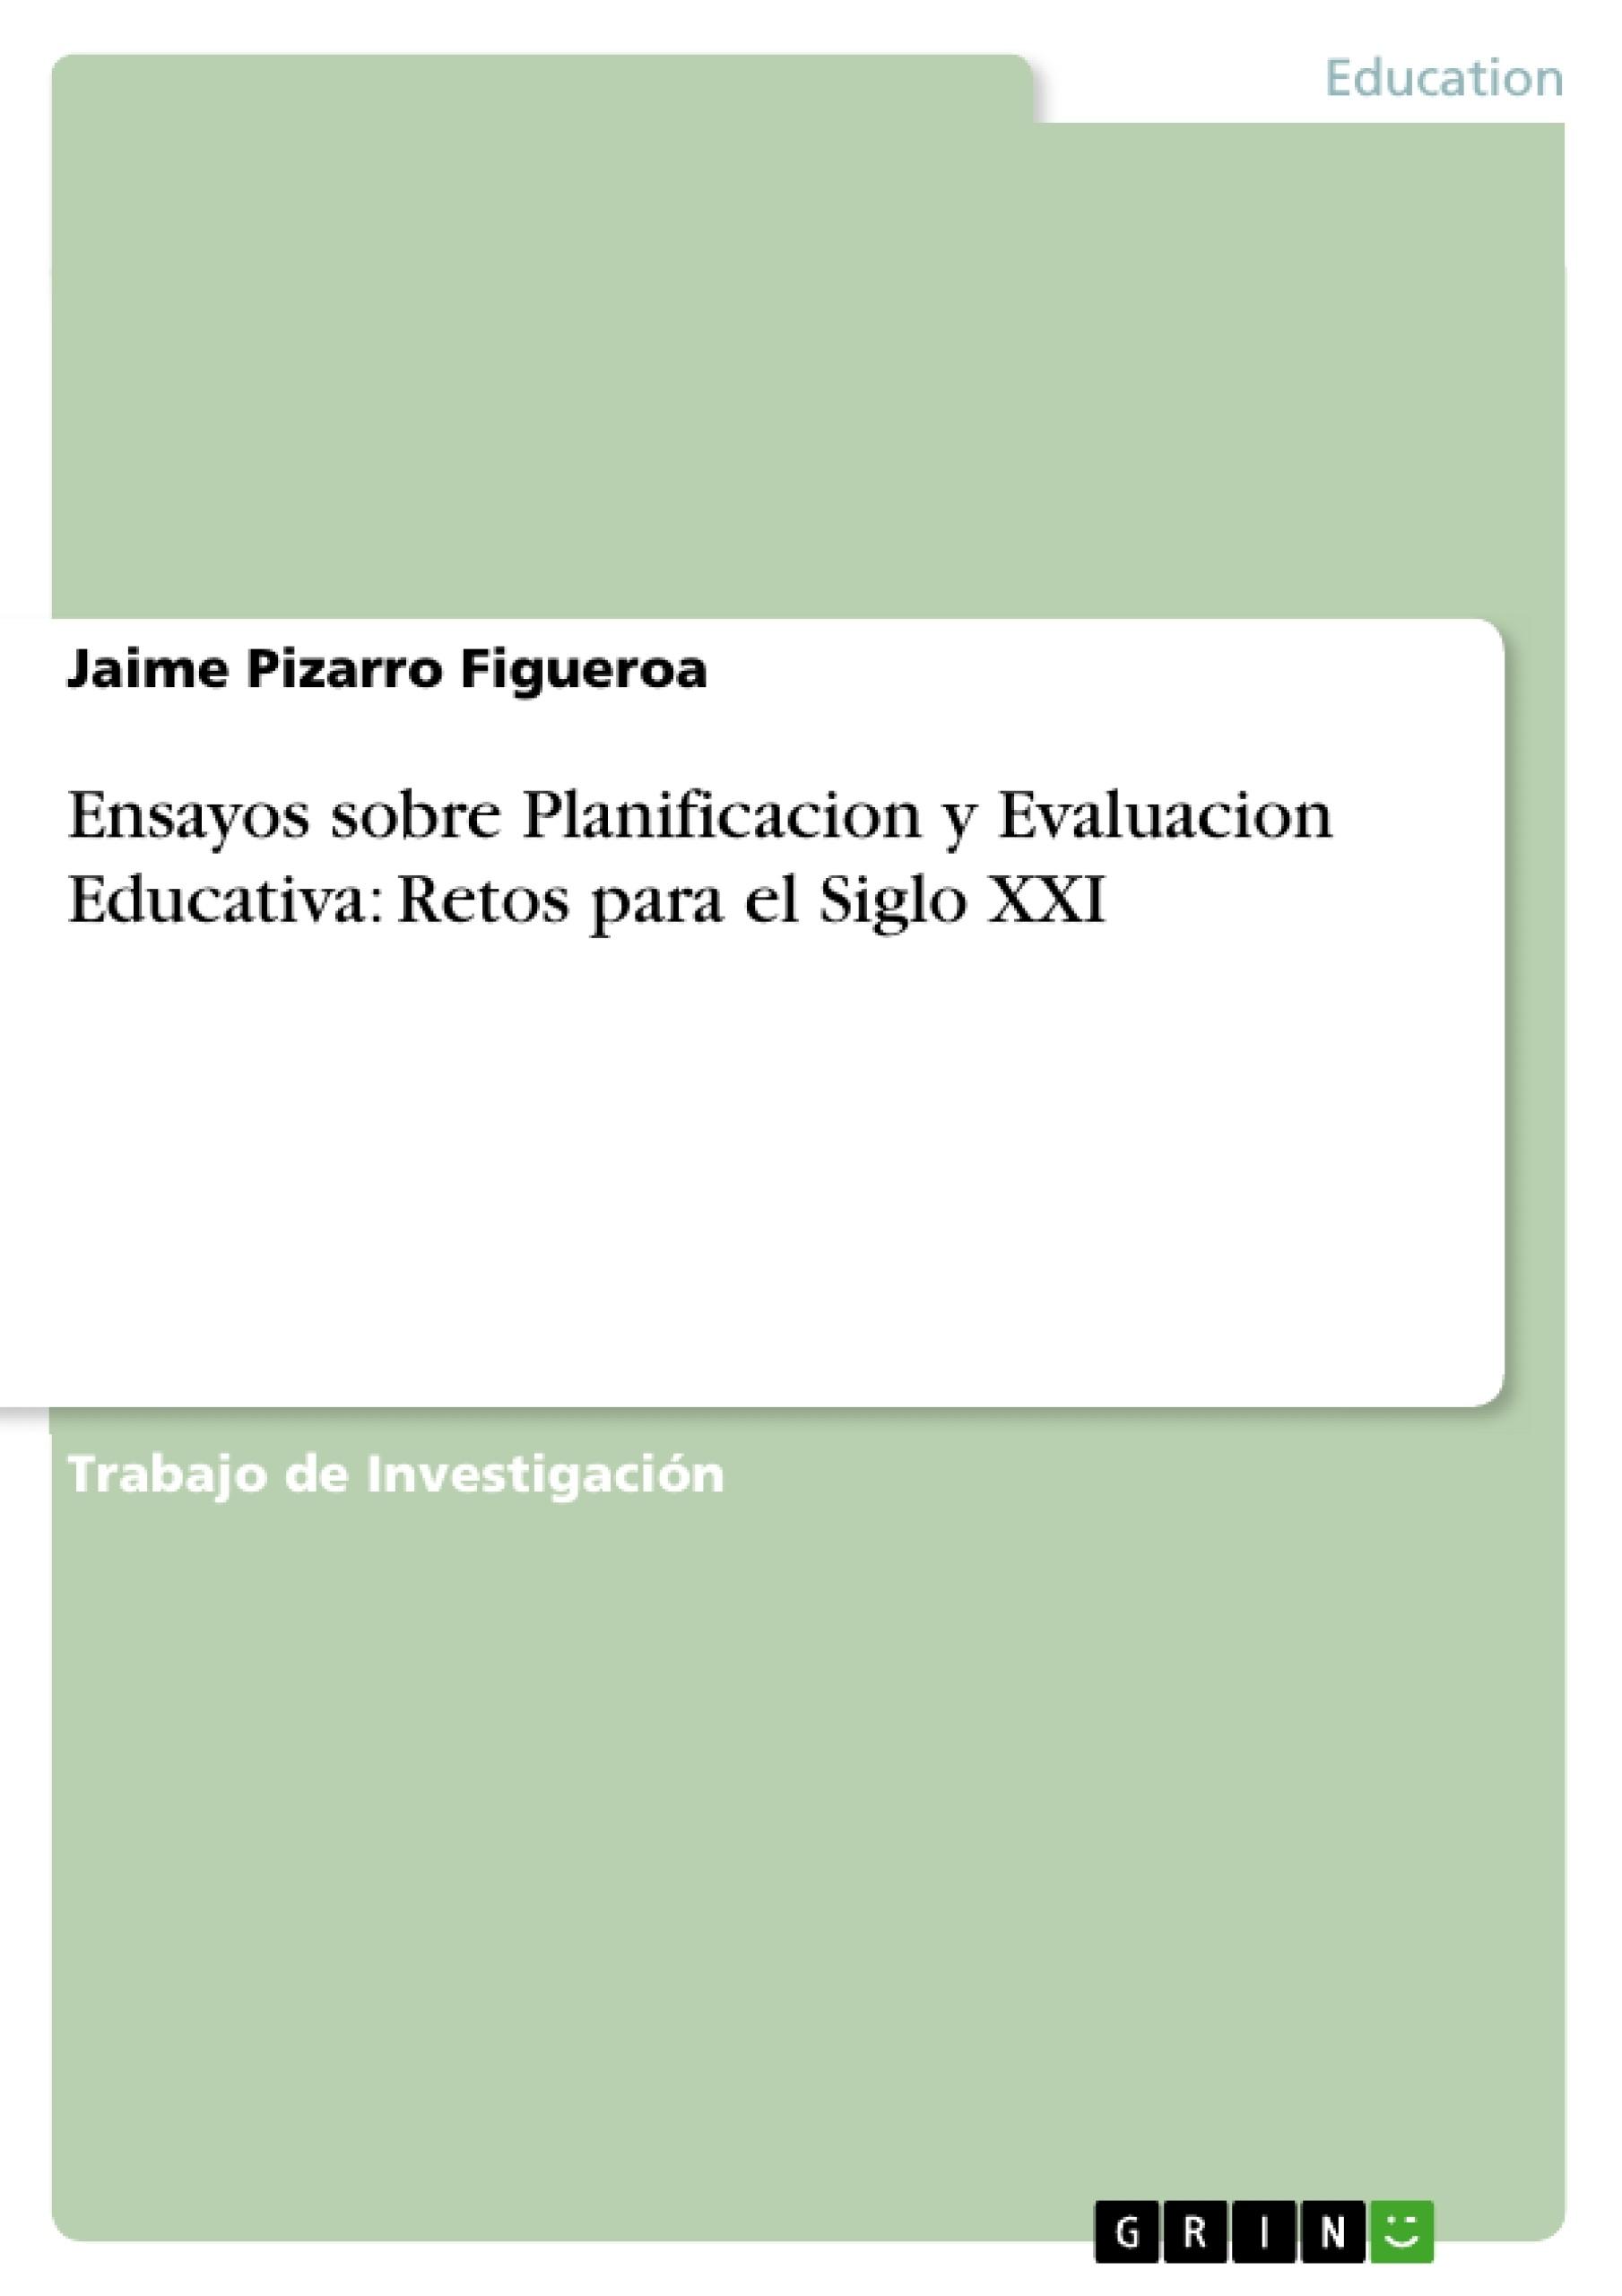 Título: Ensayos sobre Planificacion y Evaluacion Educativa: Retos para el Siglo XXI